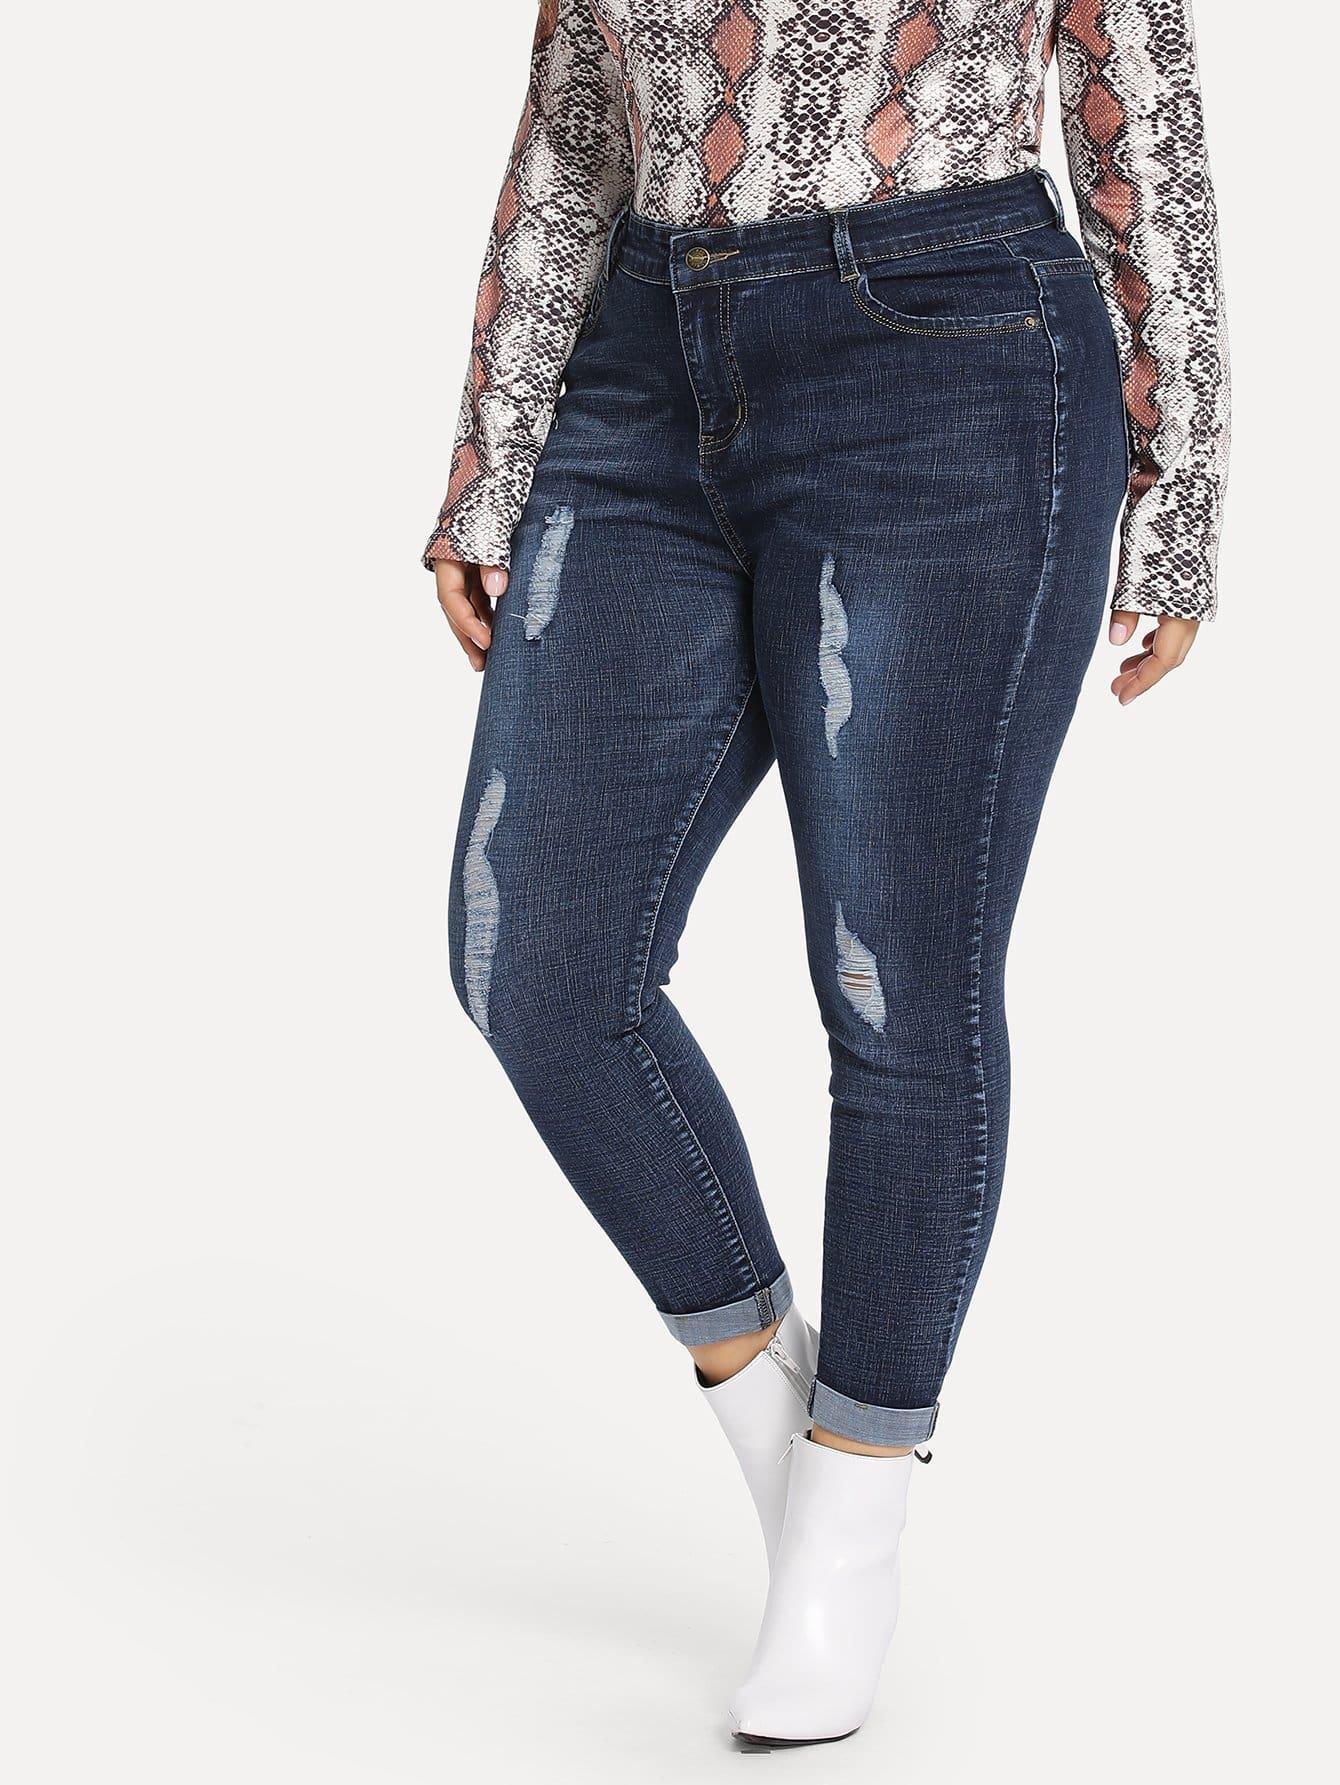 Купить Размера плюс рваные выцветшие джинсы, Franziska, SheIn